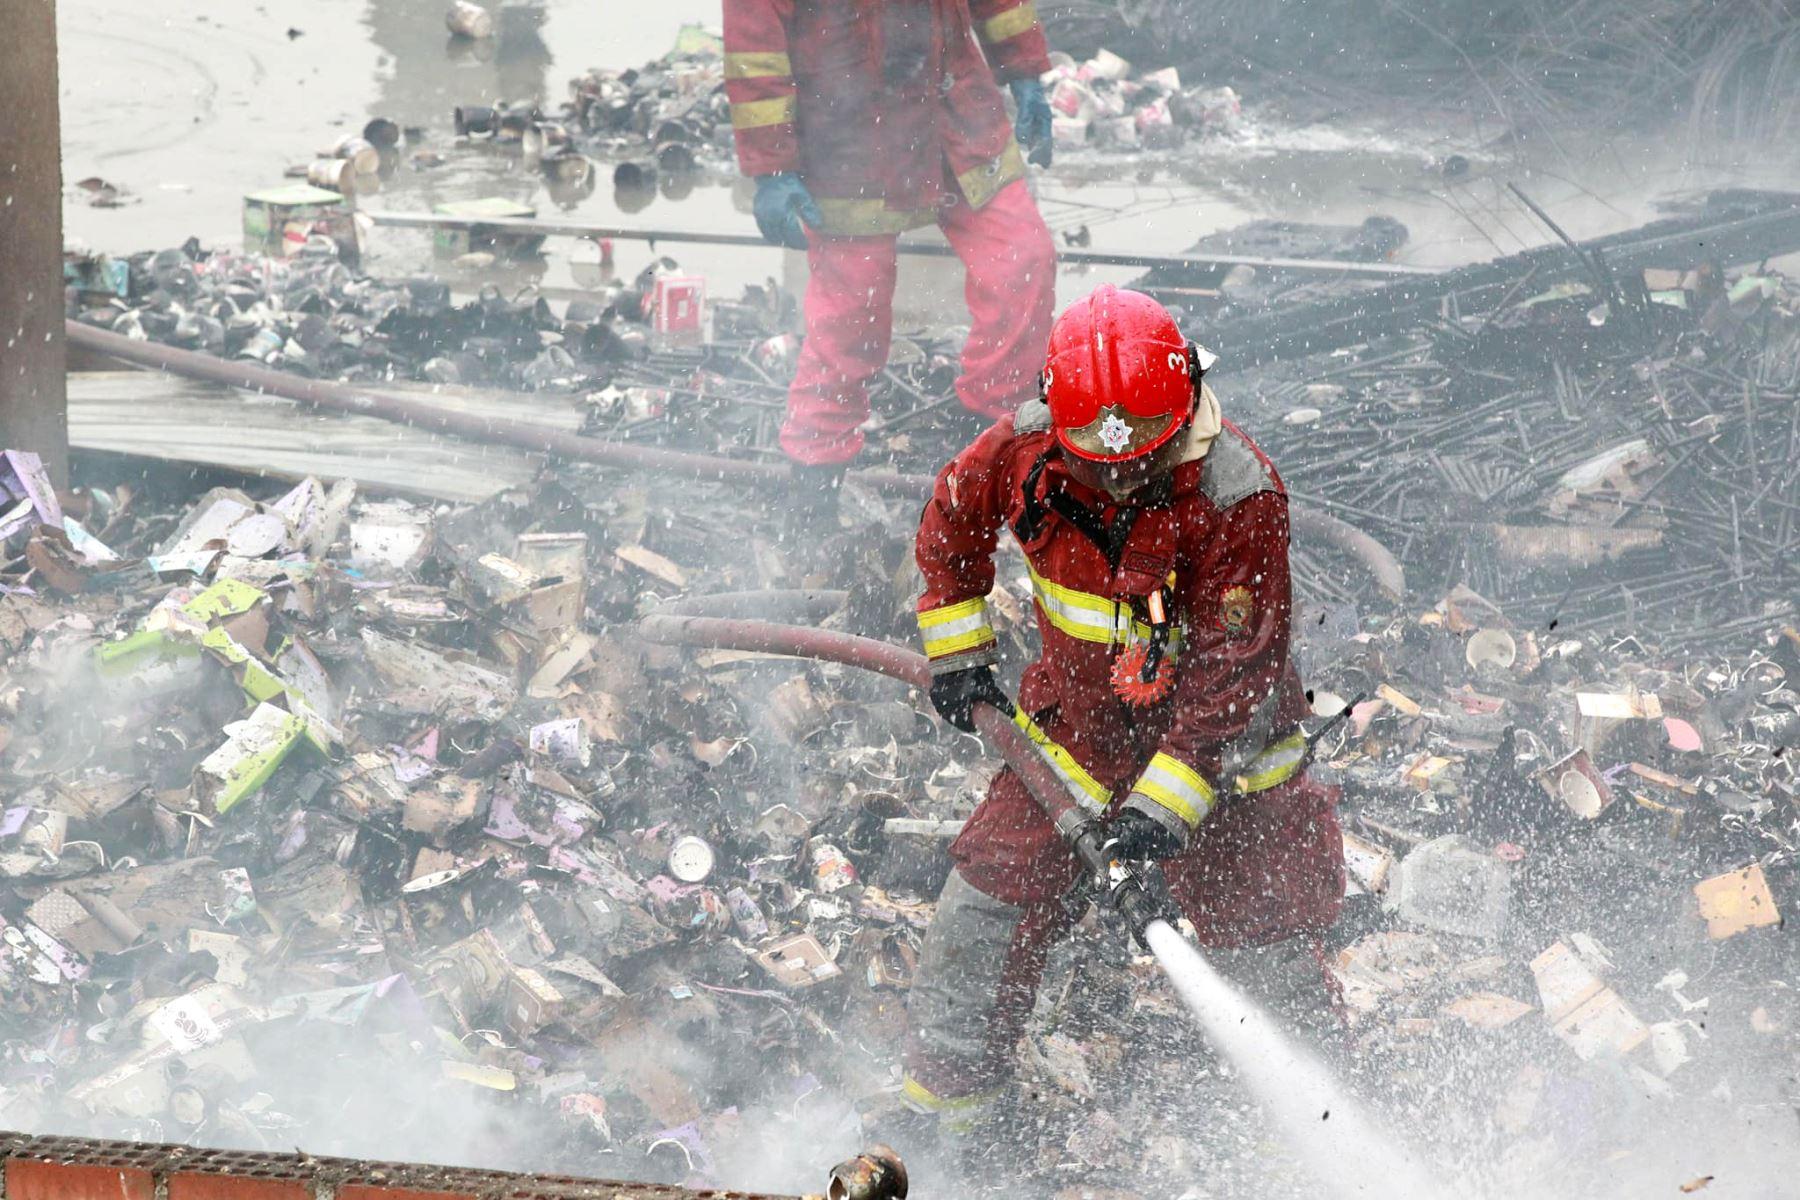 LIMA PERÚ, ENERO 06. Incendio en depósito de plásticos en Jr. Miró Quesada Barrios Altos. Foto: ANDINA/Dante Zegarra